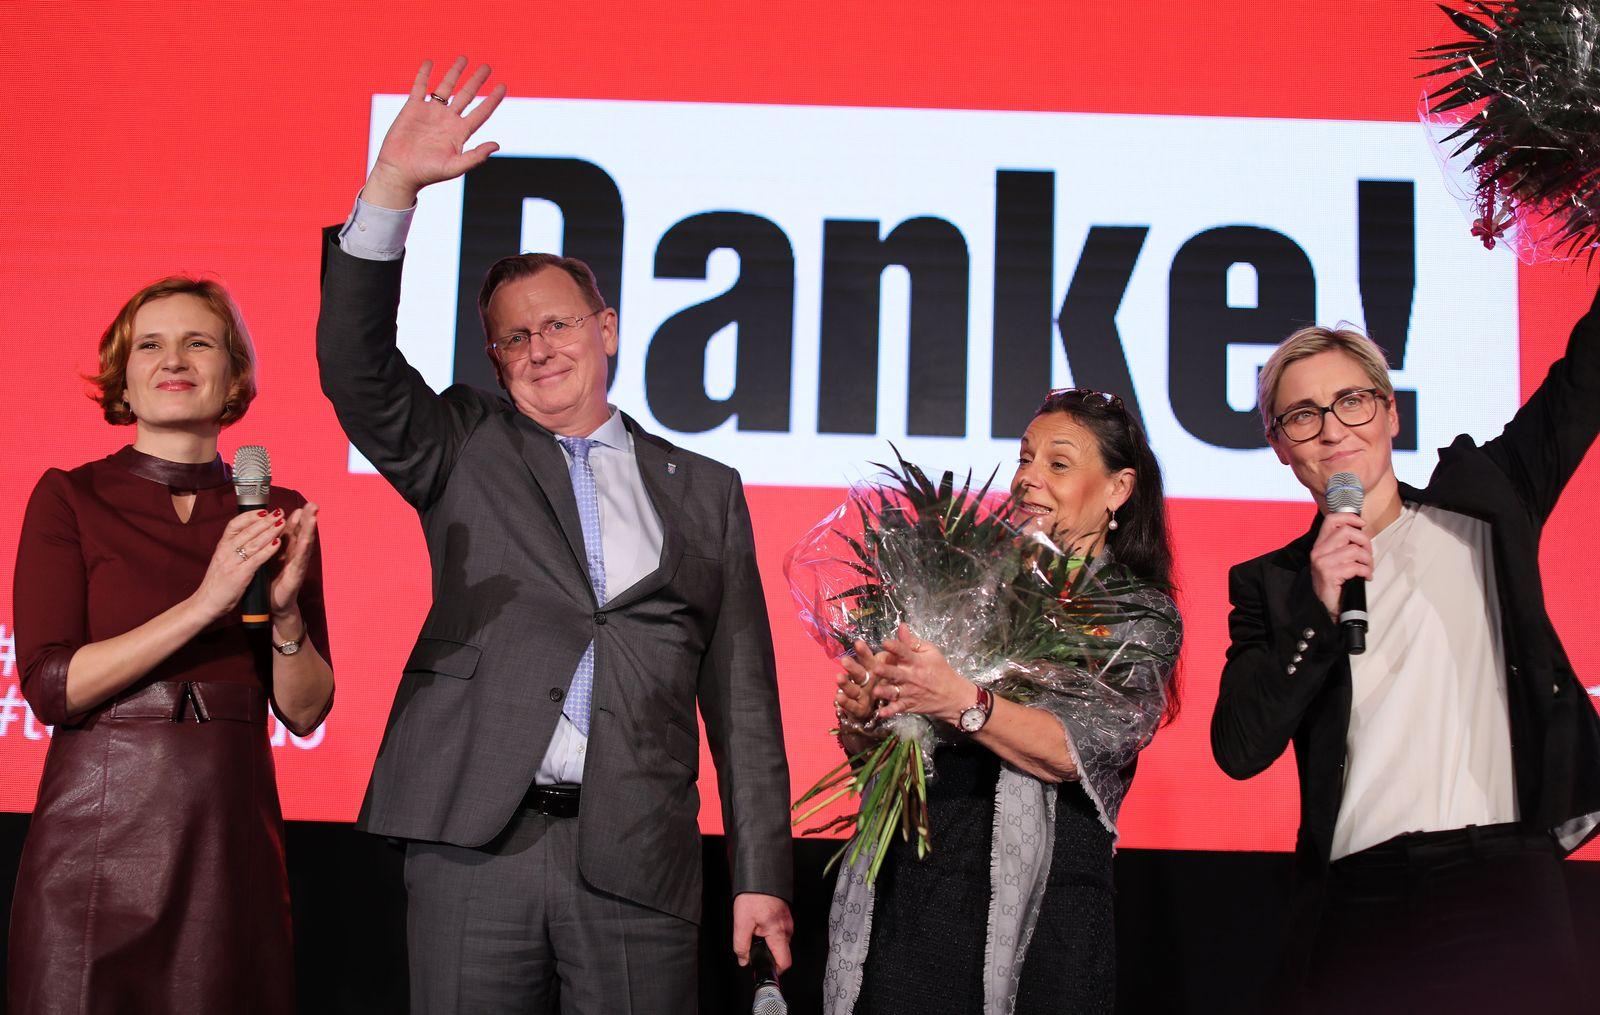 Landtagswahl in Thüringen - Linke - Lage